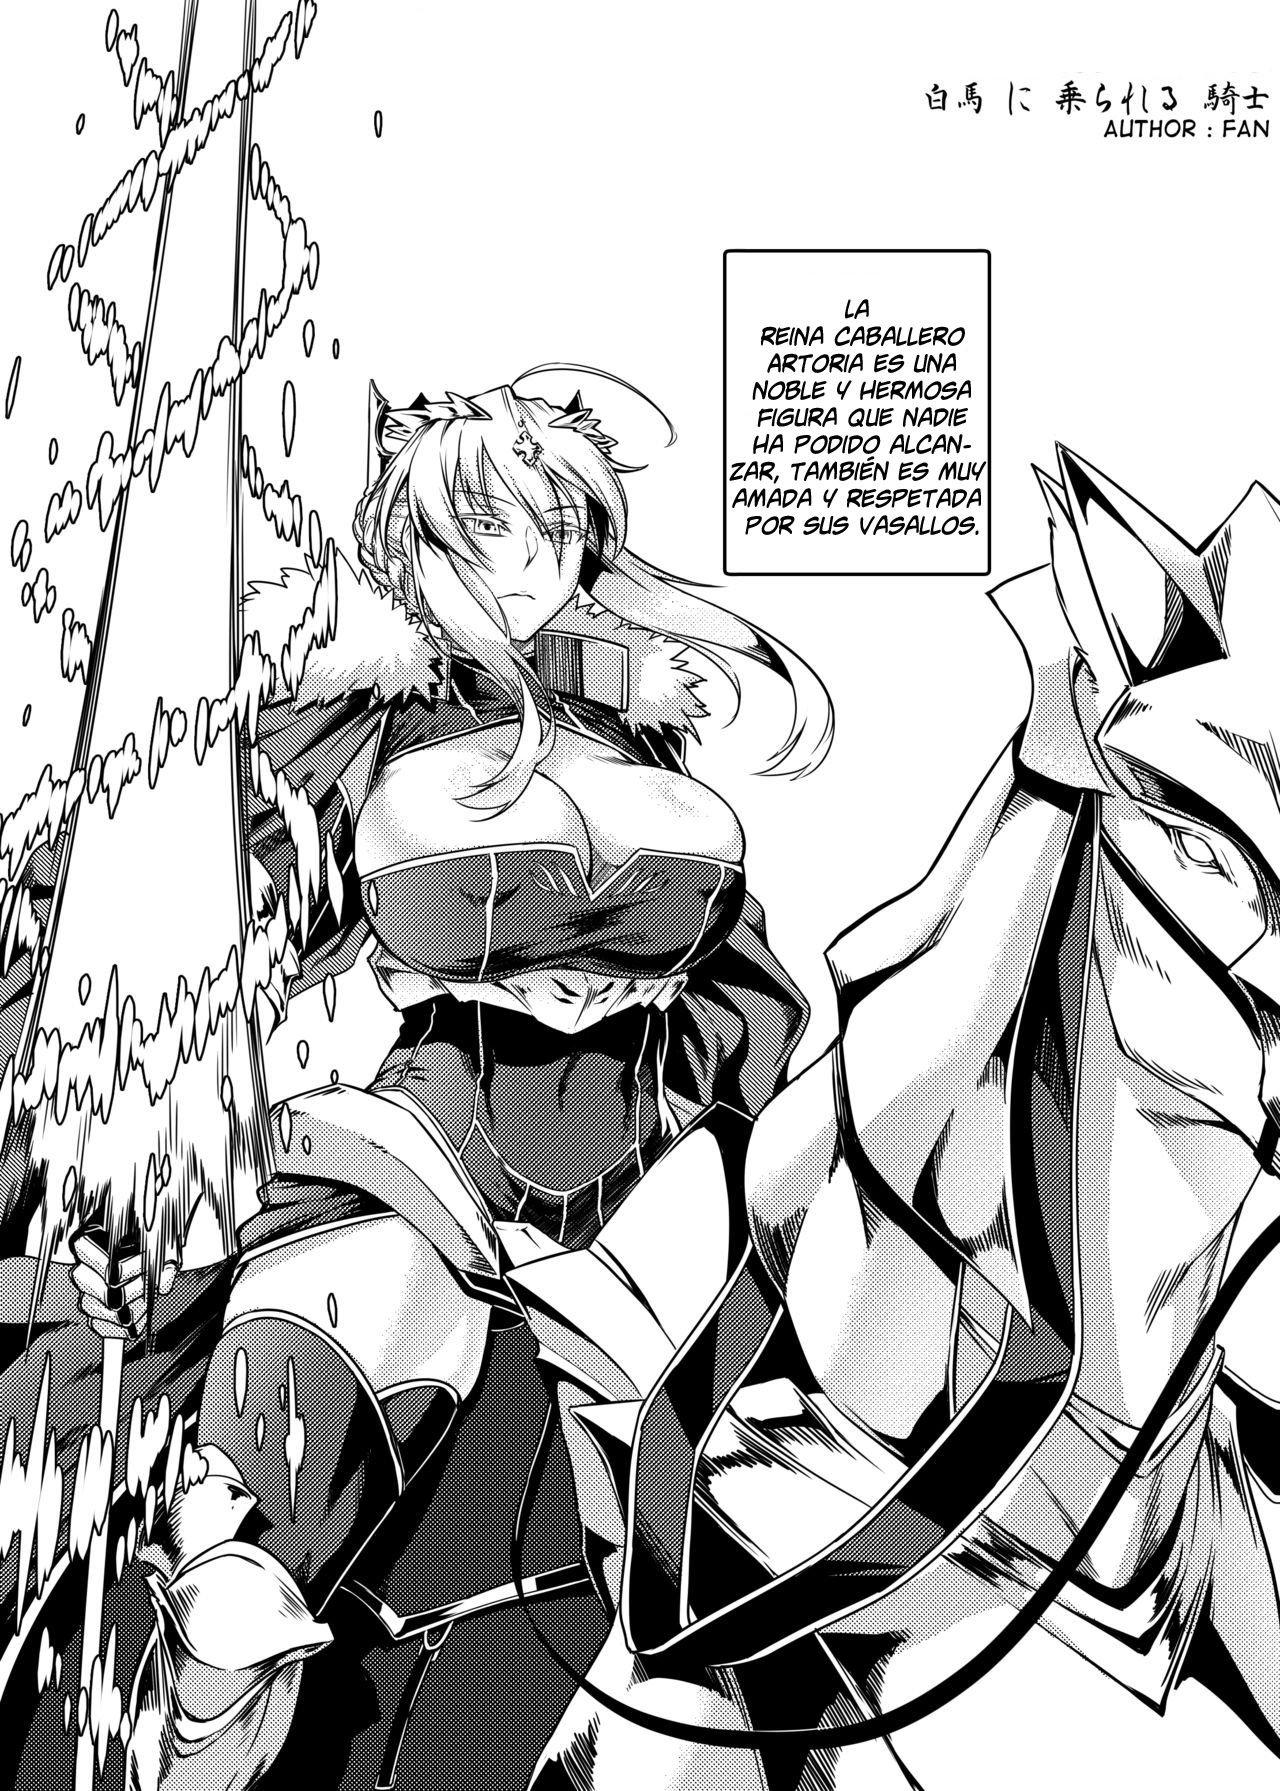 Caballo blanco montado por un caballero (Fate Grand Order) - Fan - 1